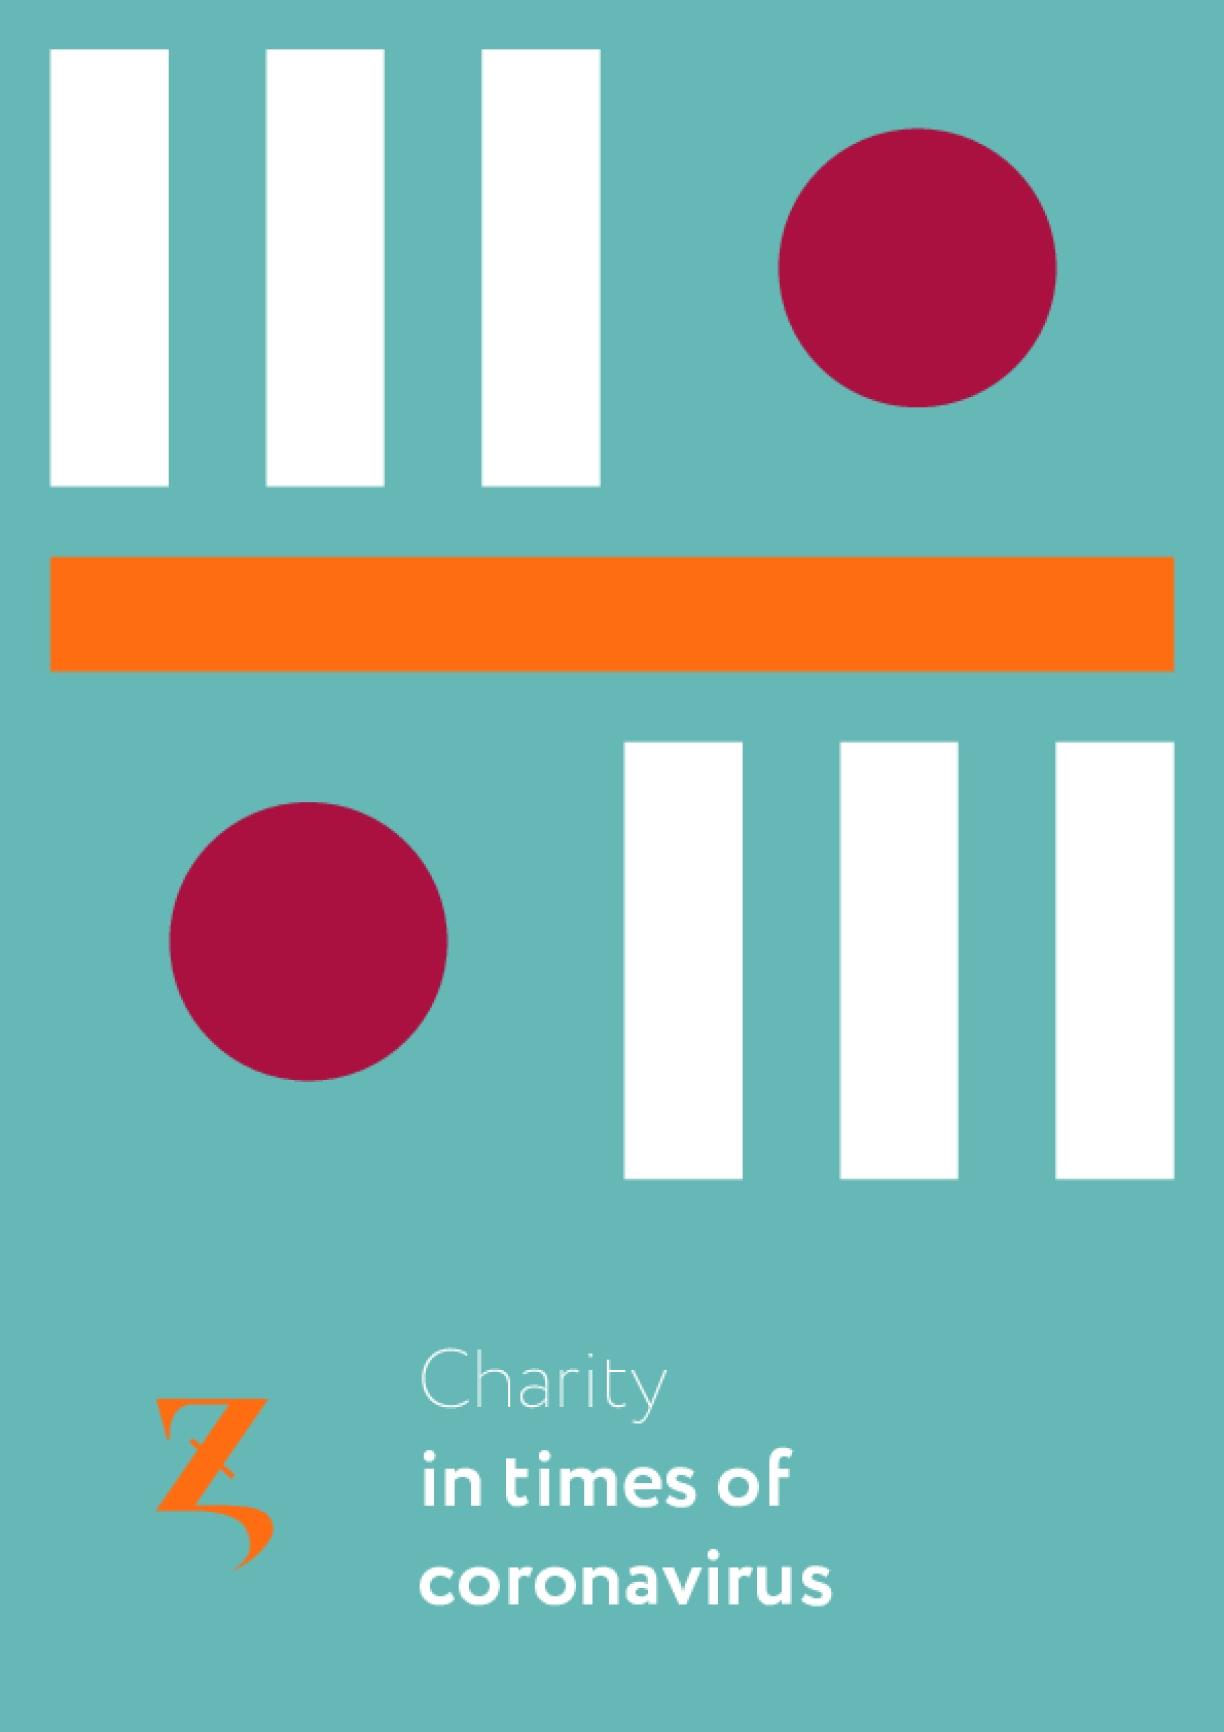 Charity in Times of Coronavirus